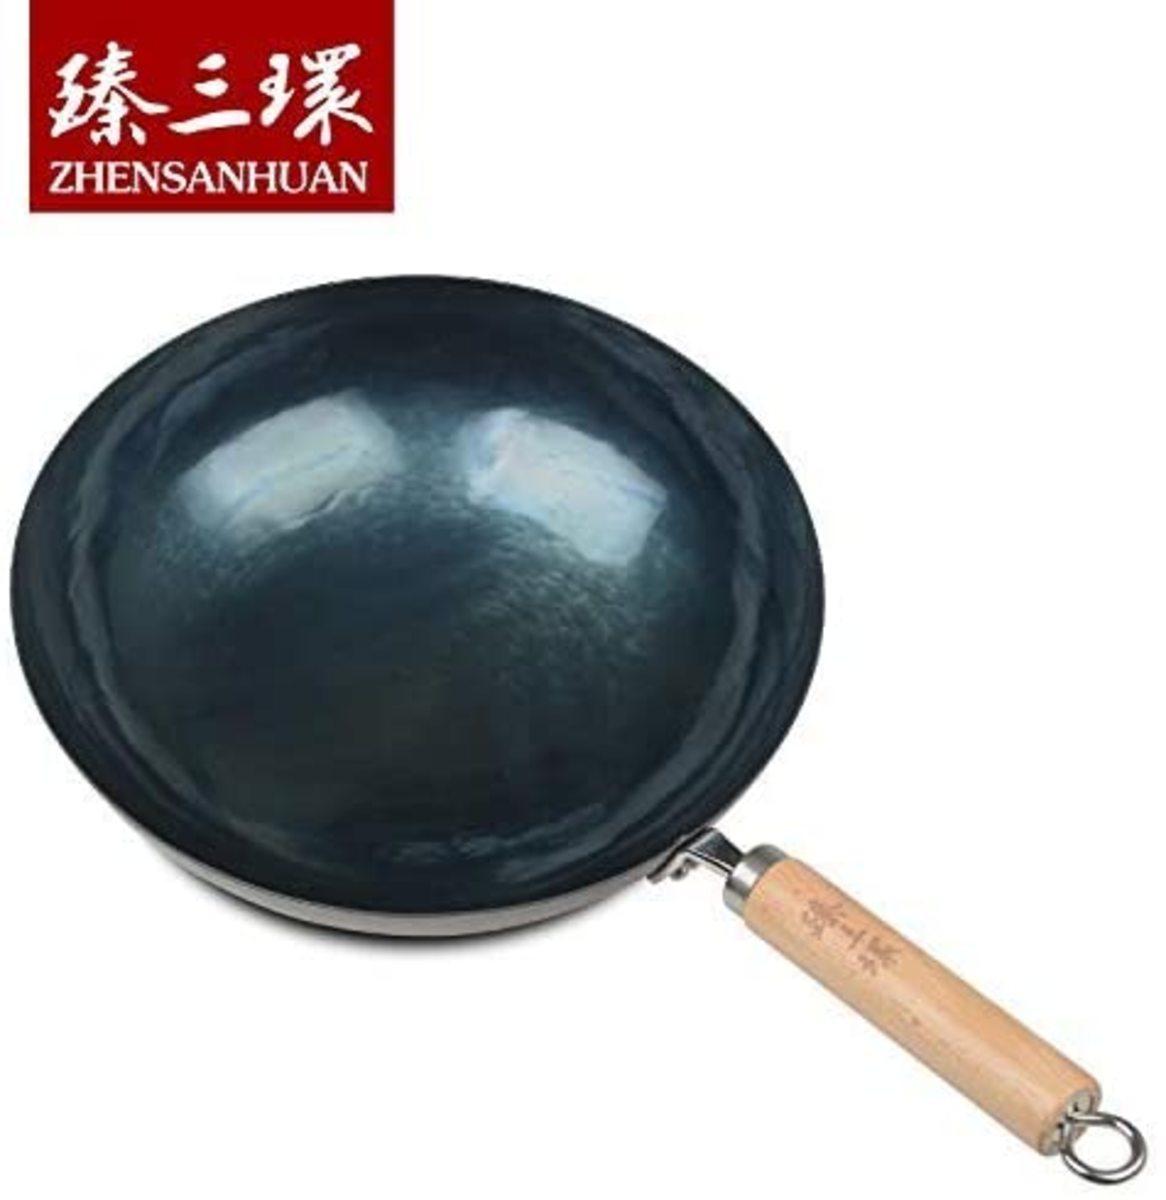 ZhenSanHuan Chinese Hand Hammered Iron Wok